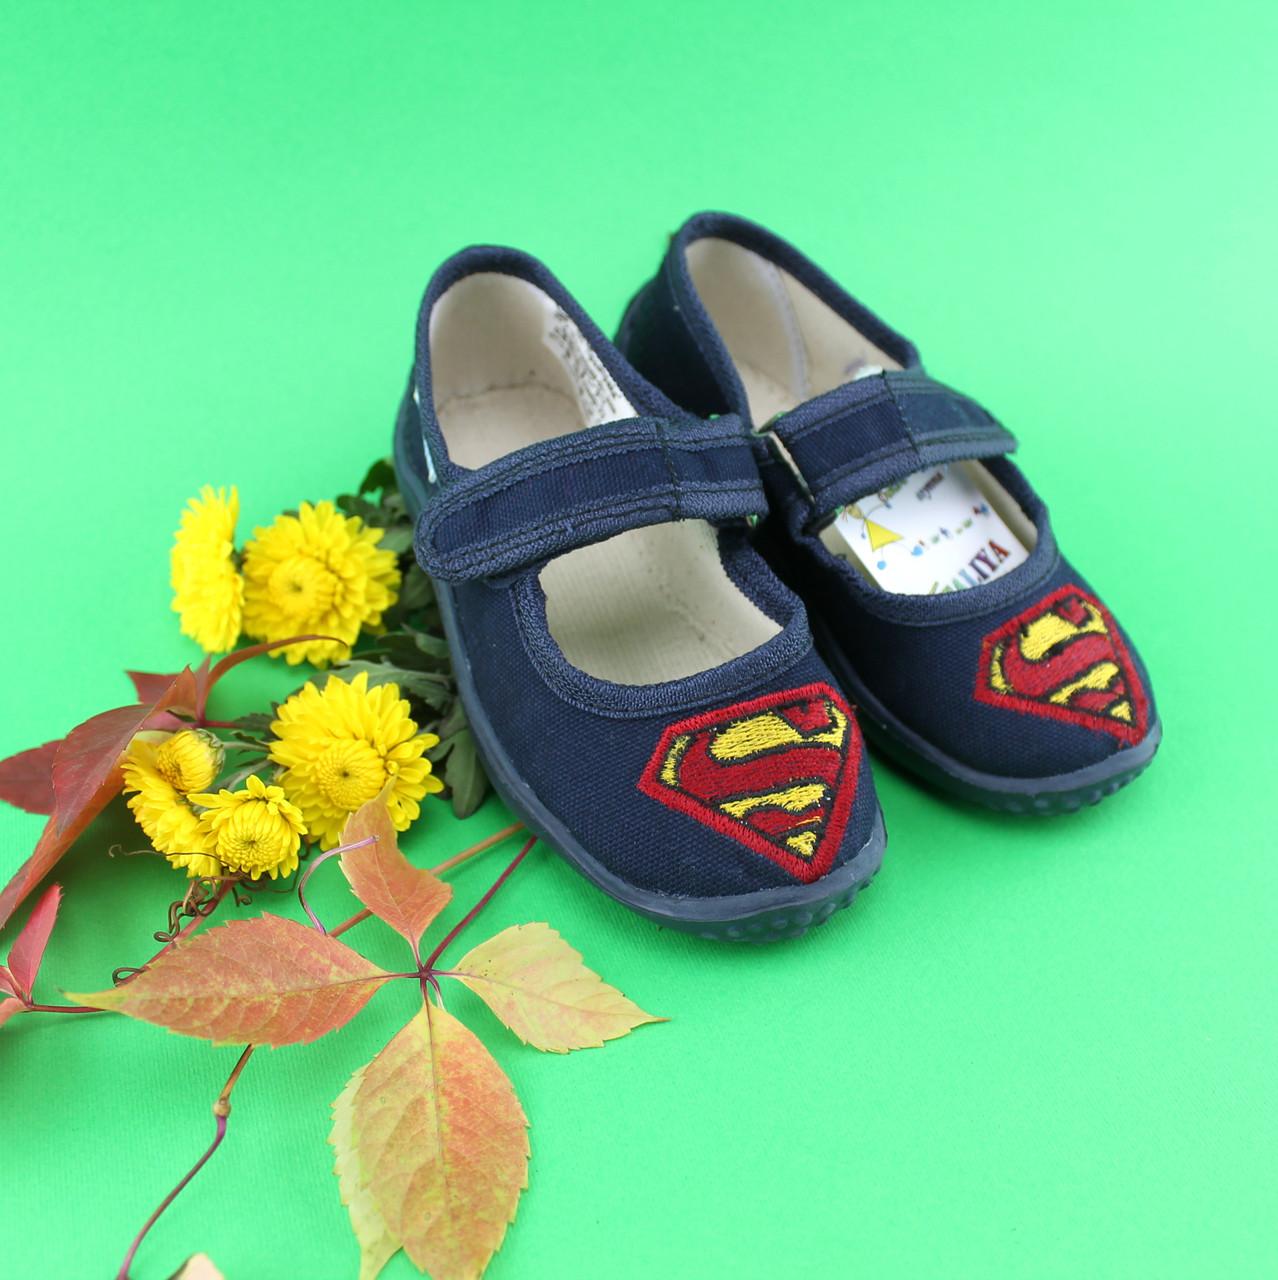 Тапочки оптом для садка хлопчик текстильні туфлі Vitaliya Віталія Україна розмір 23 по 27